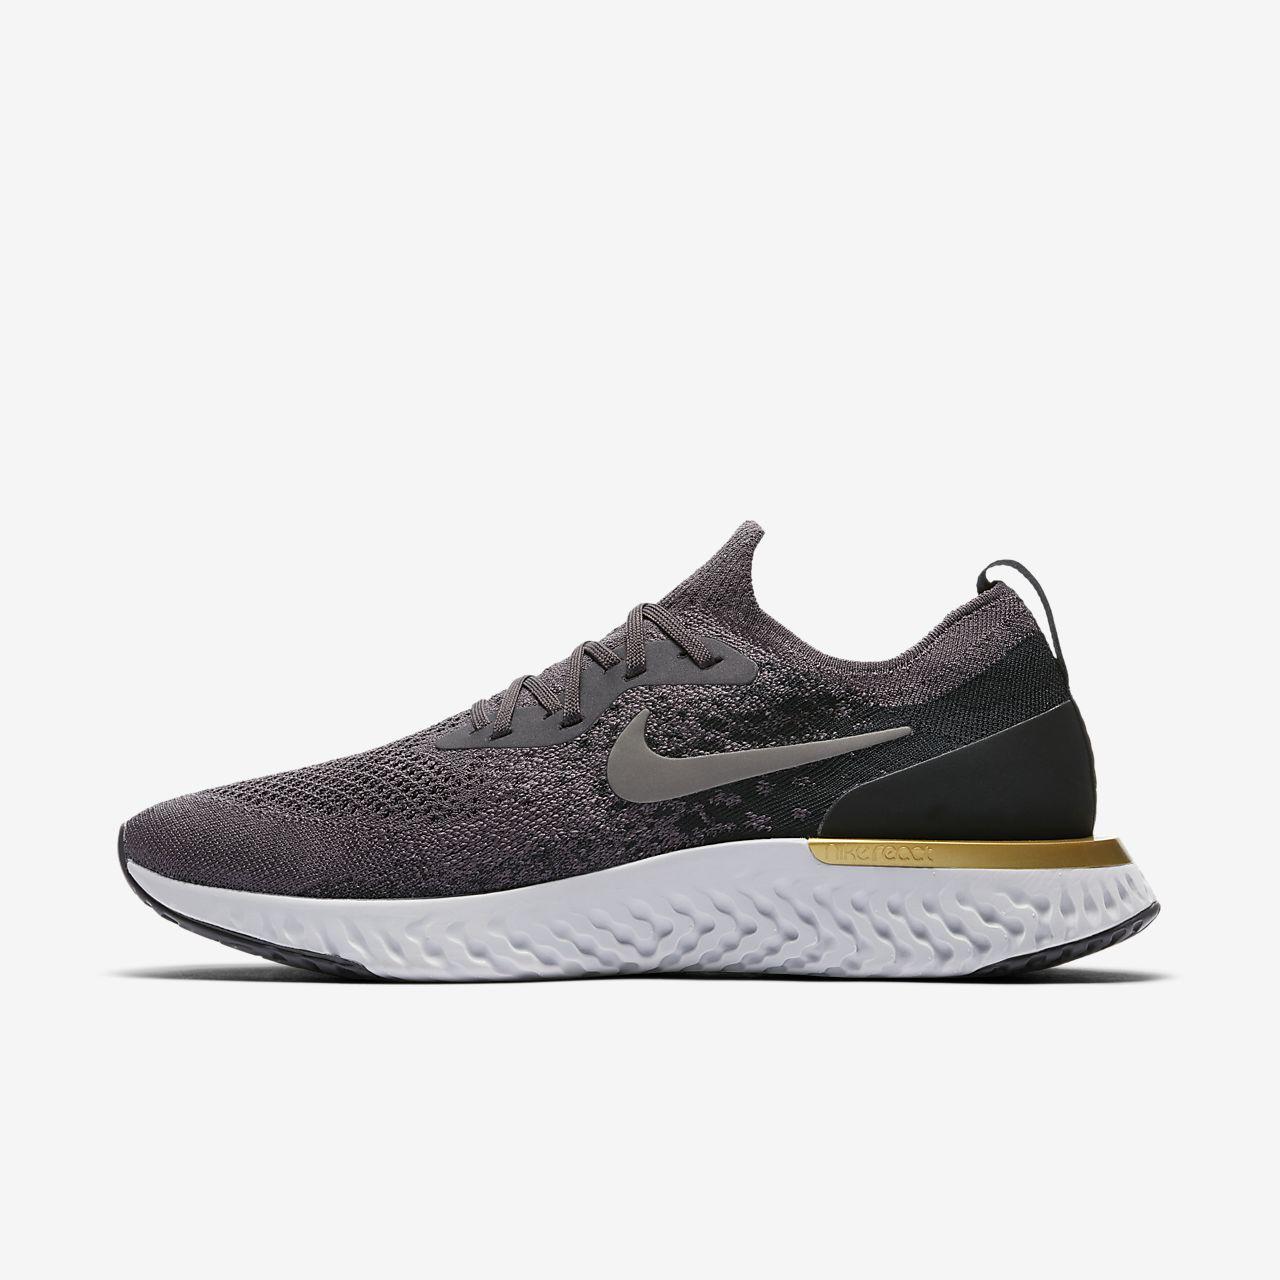 b494c72bd515 Nike Epic React Flyknit 1 Men s Running Shoe. Nike.com